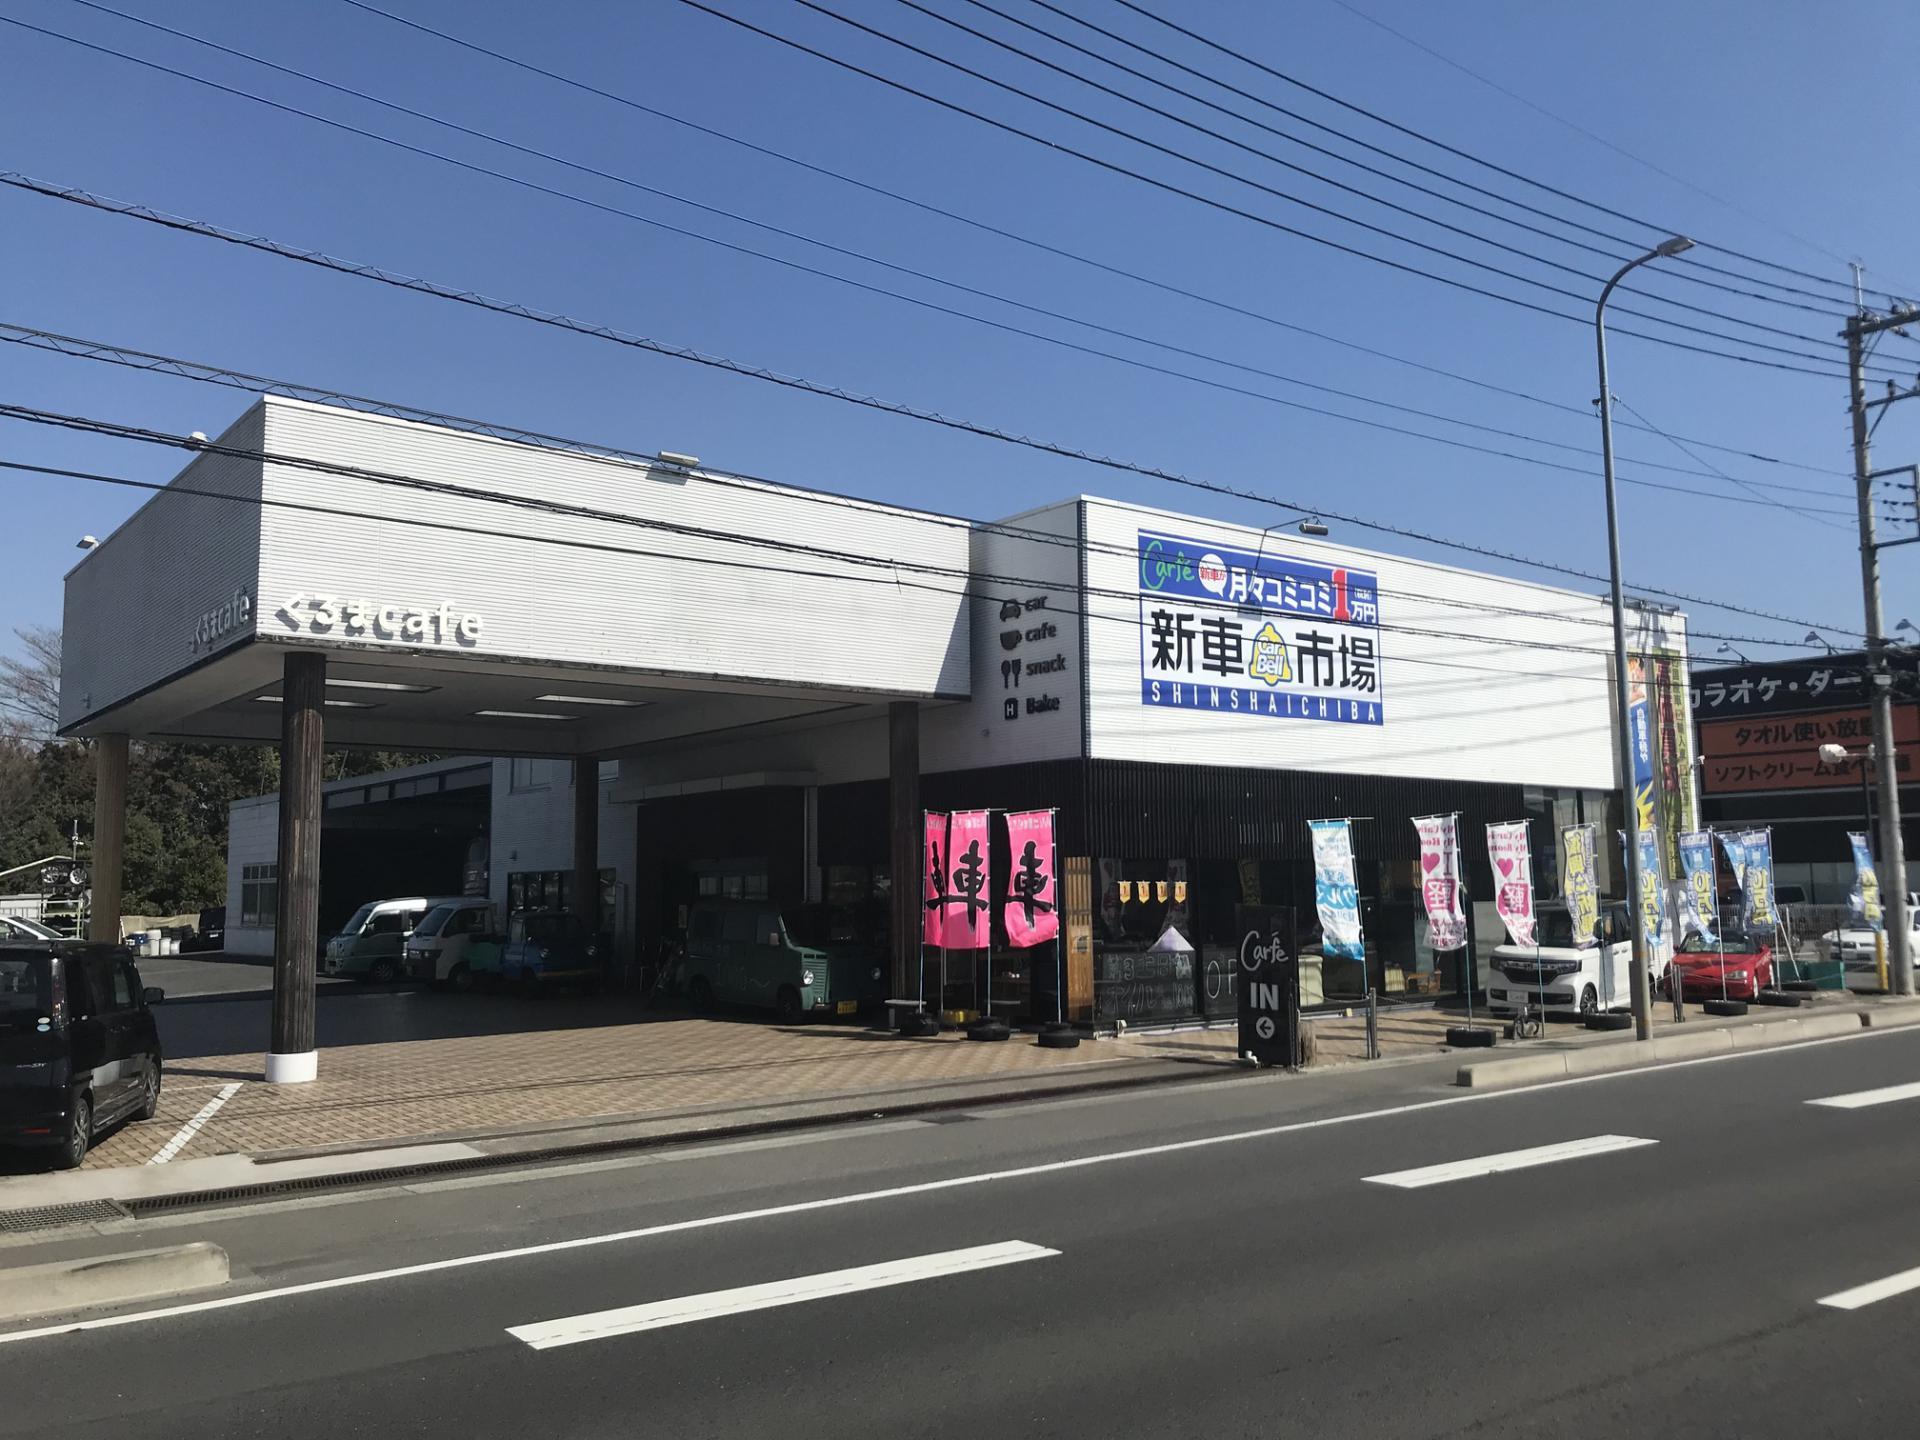 株式会社メタルワーカー・エスイーエー 新車市場 宇都宮川俣店